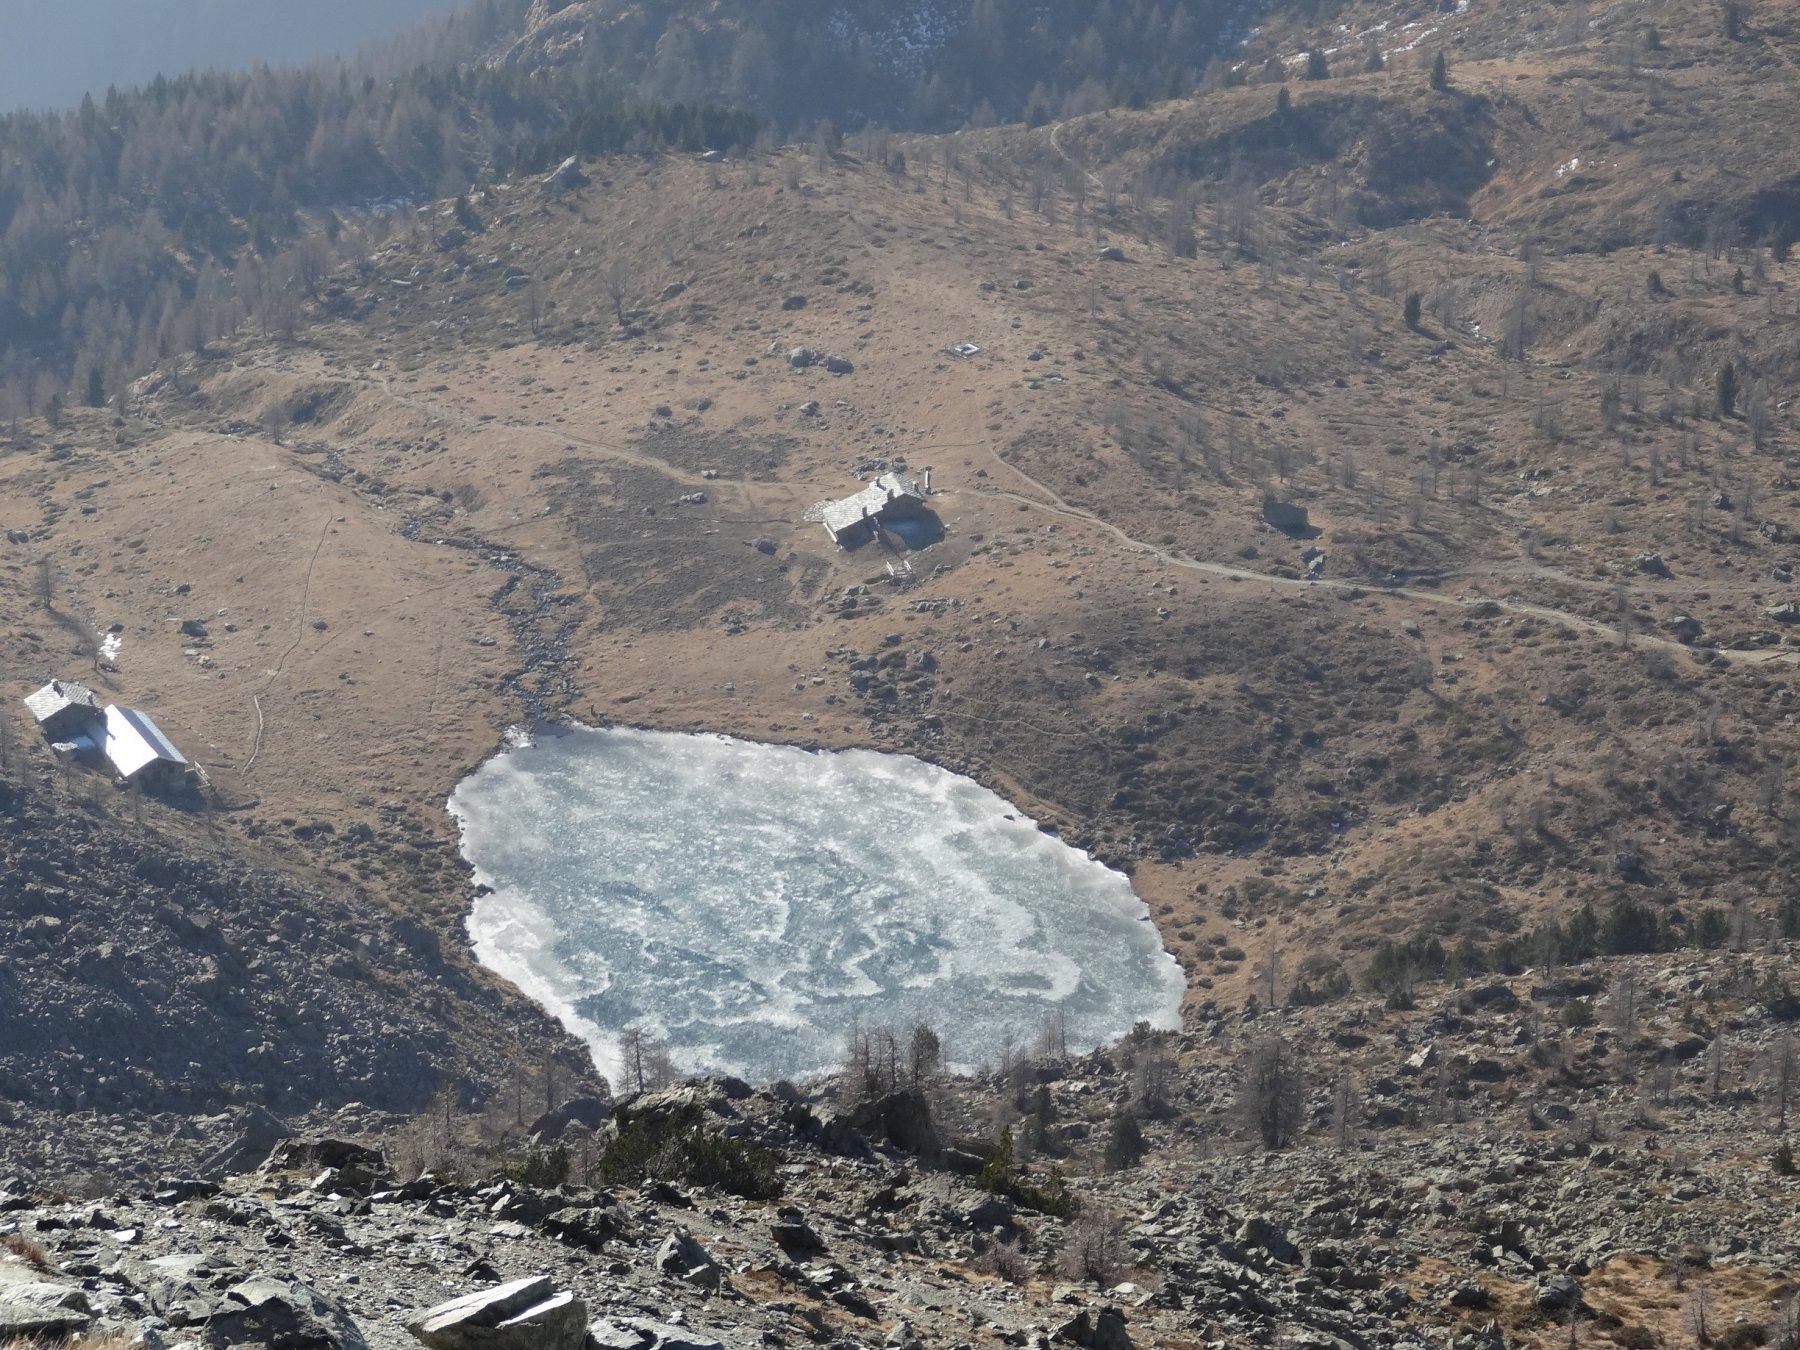 lago muffè dall'alto